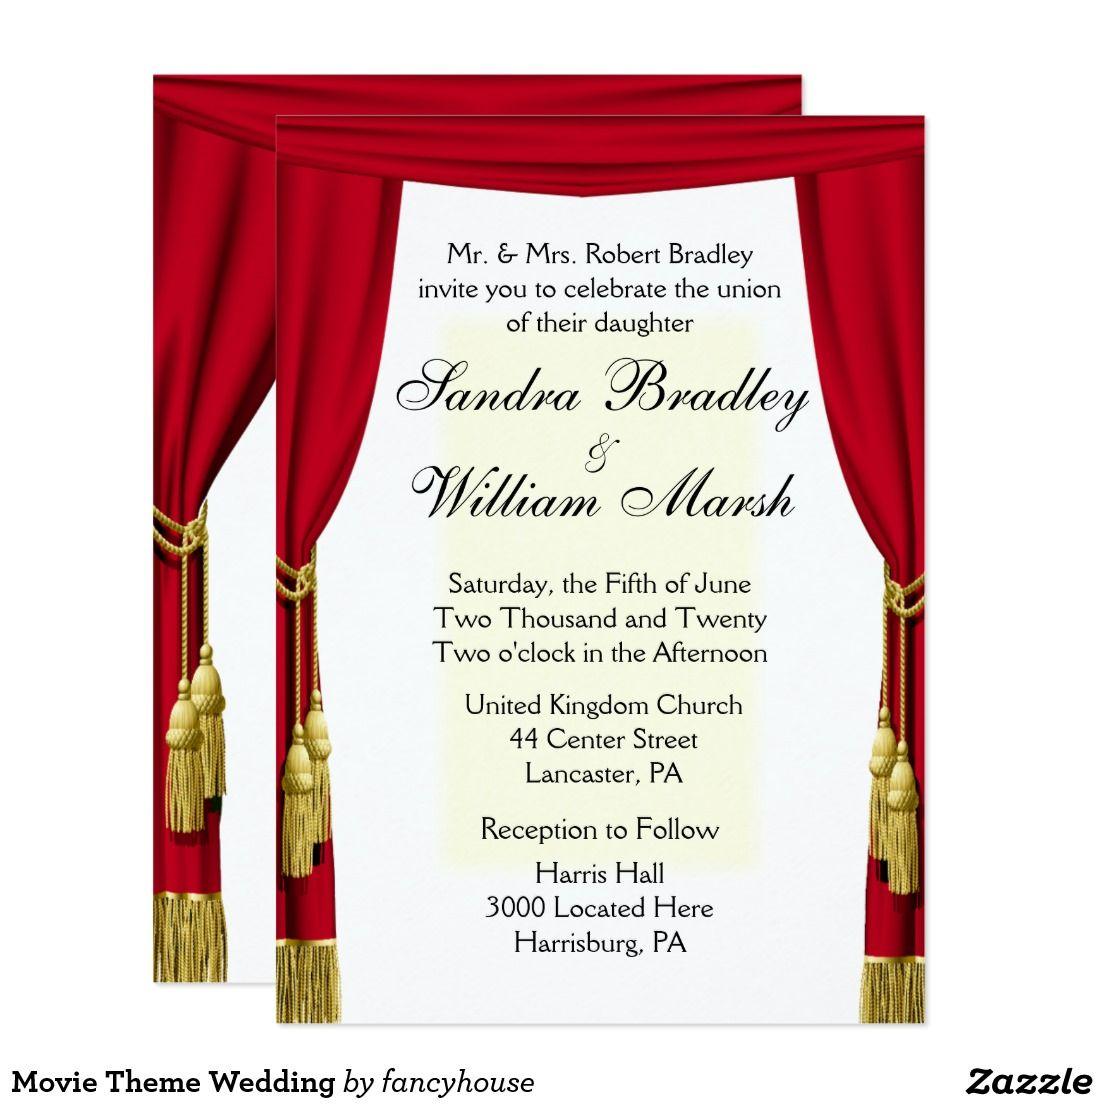 Movie Theme Wedding Invitation   Movie theme weddings